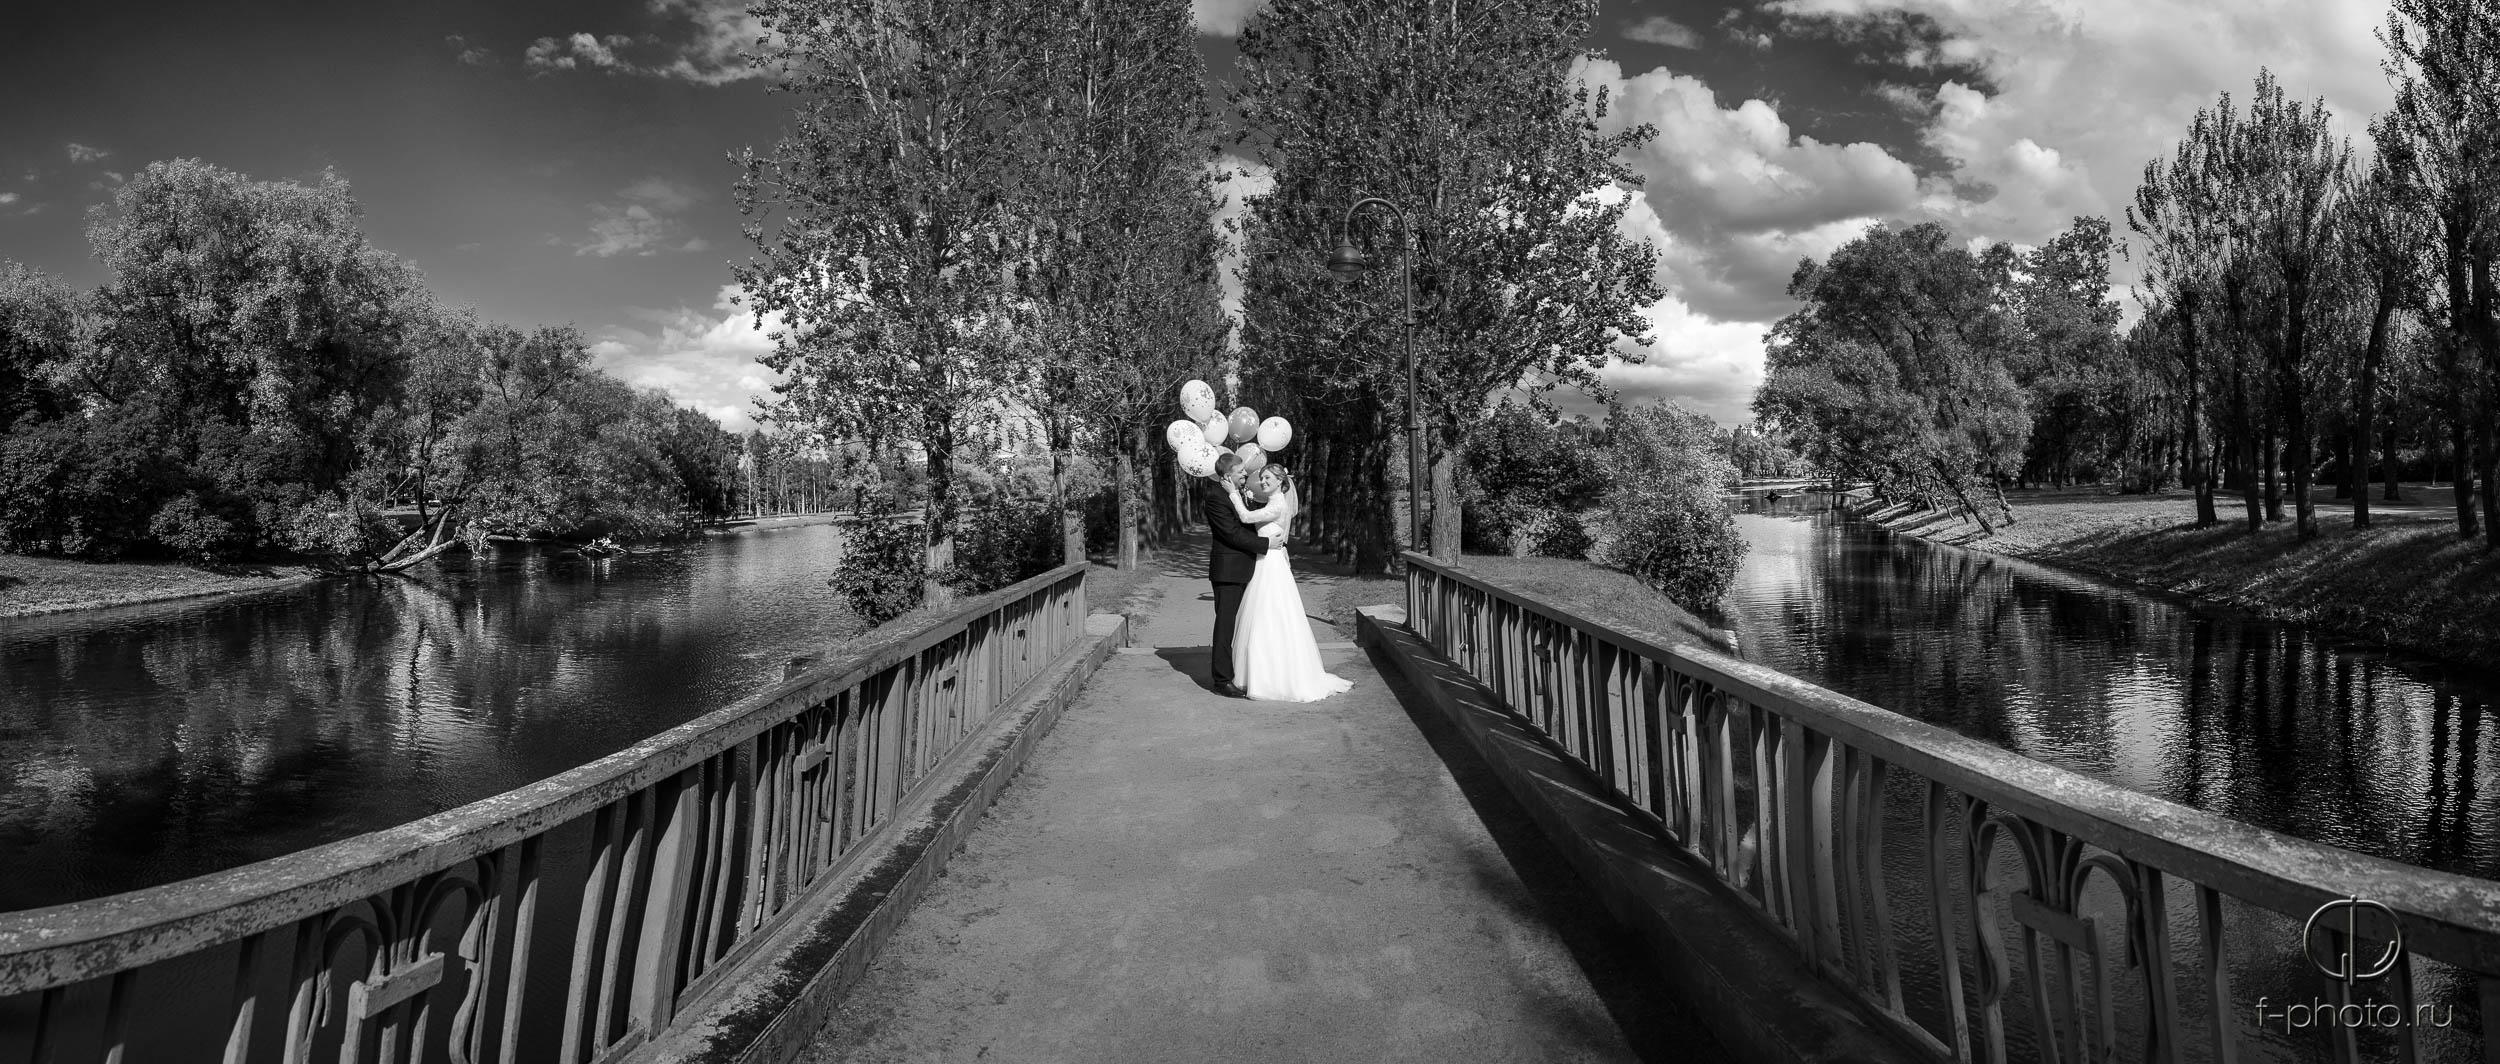 Copy of Свадебные фото и видео